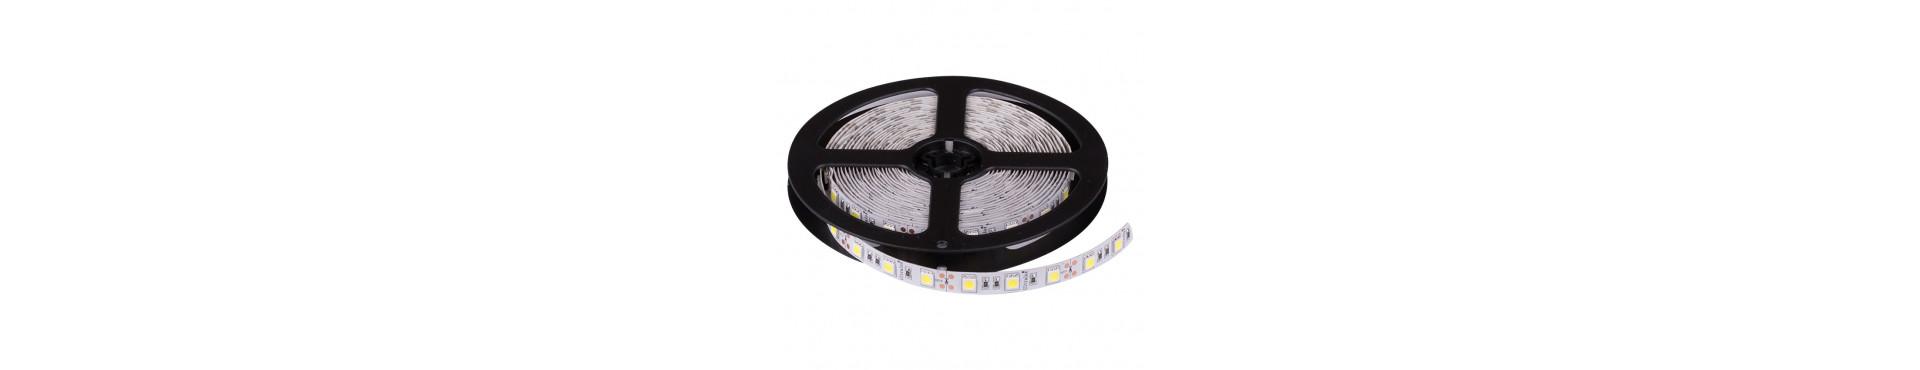 LED bånd strips - Køb 12v LED bånd online her